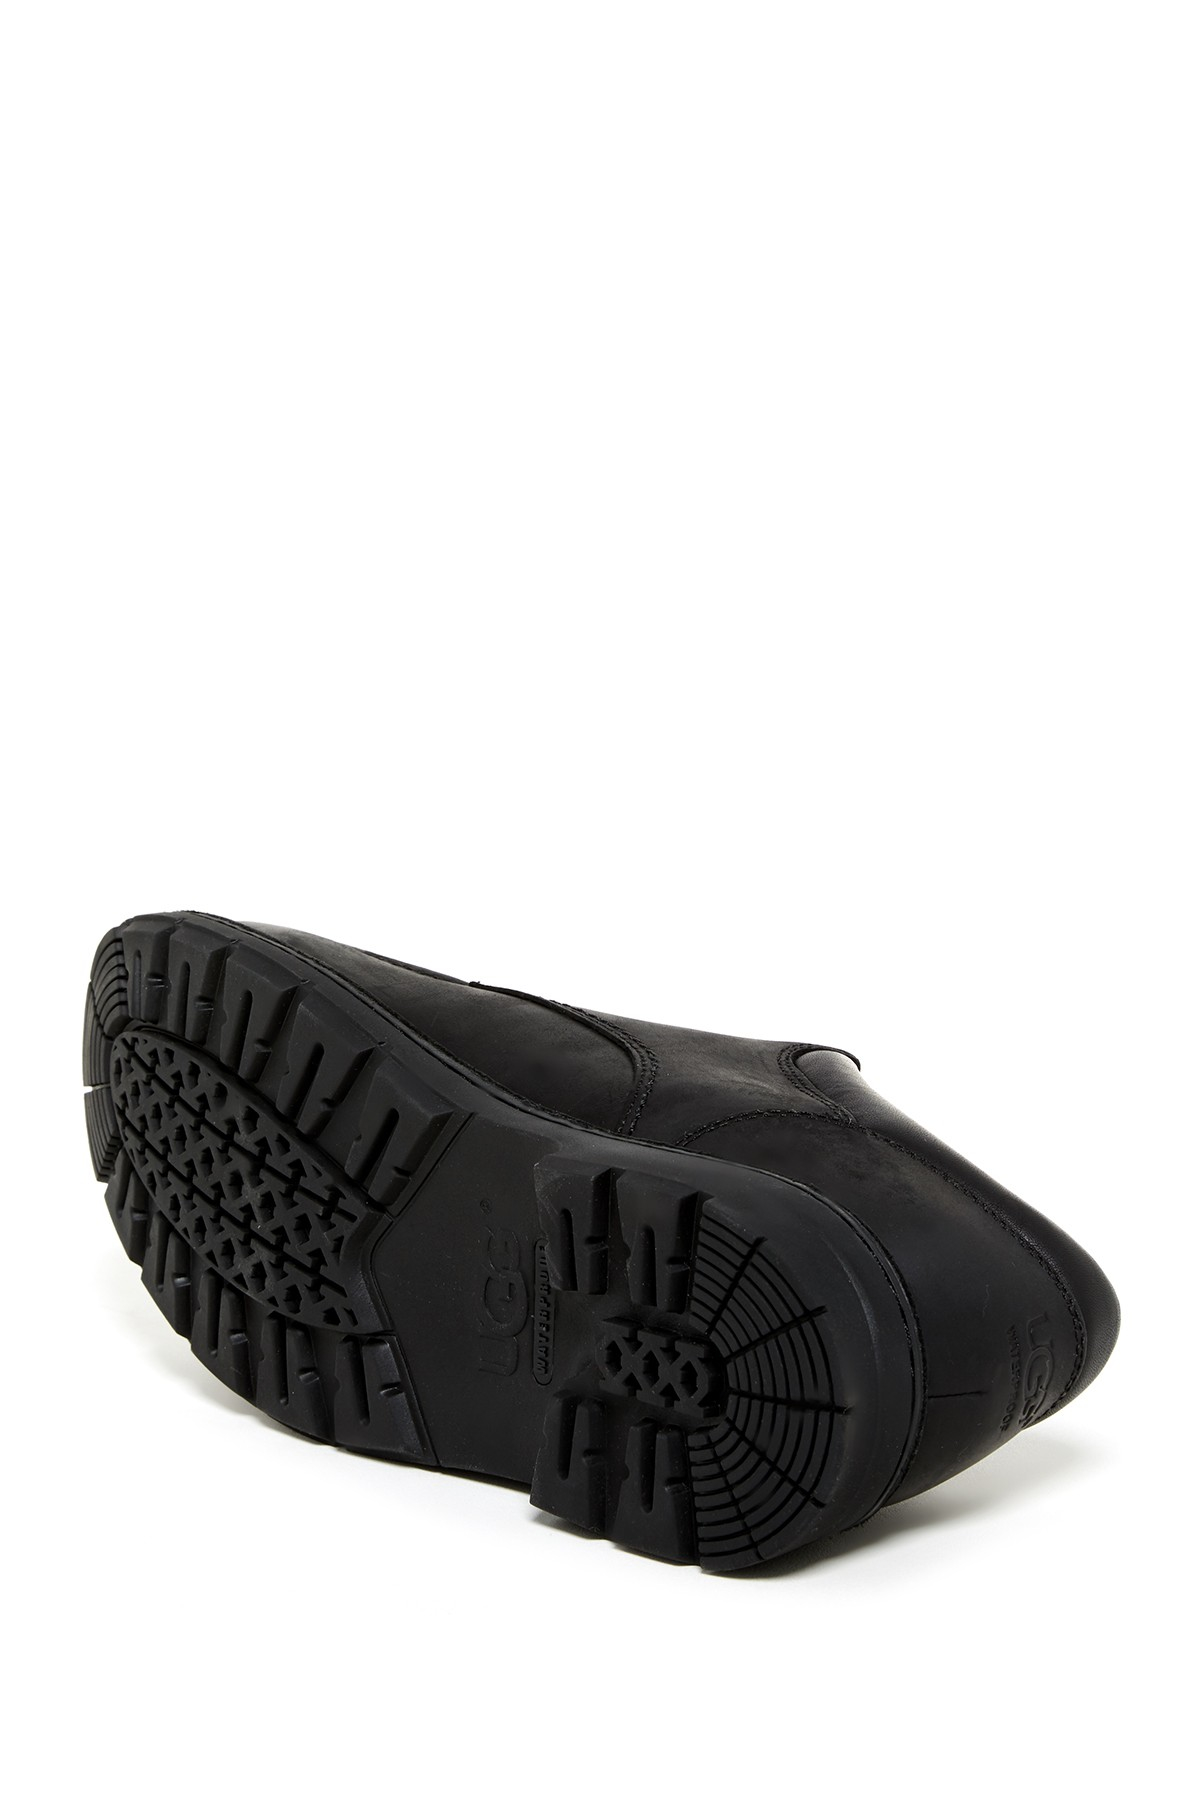 Mens Shoe Width Ew